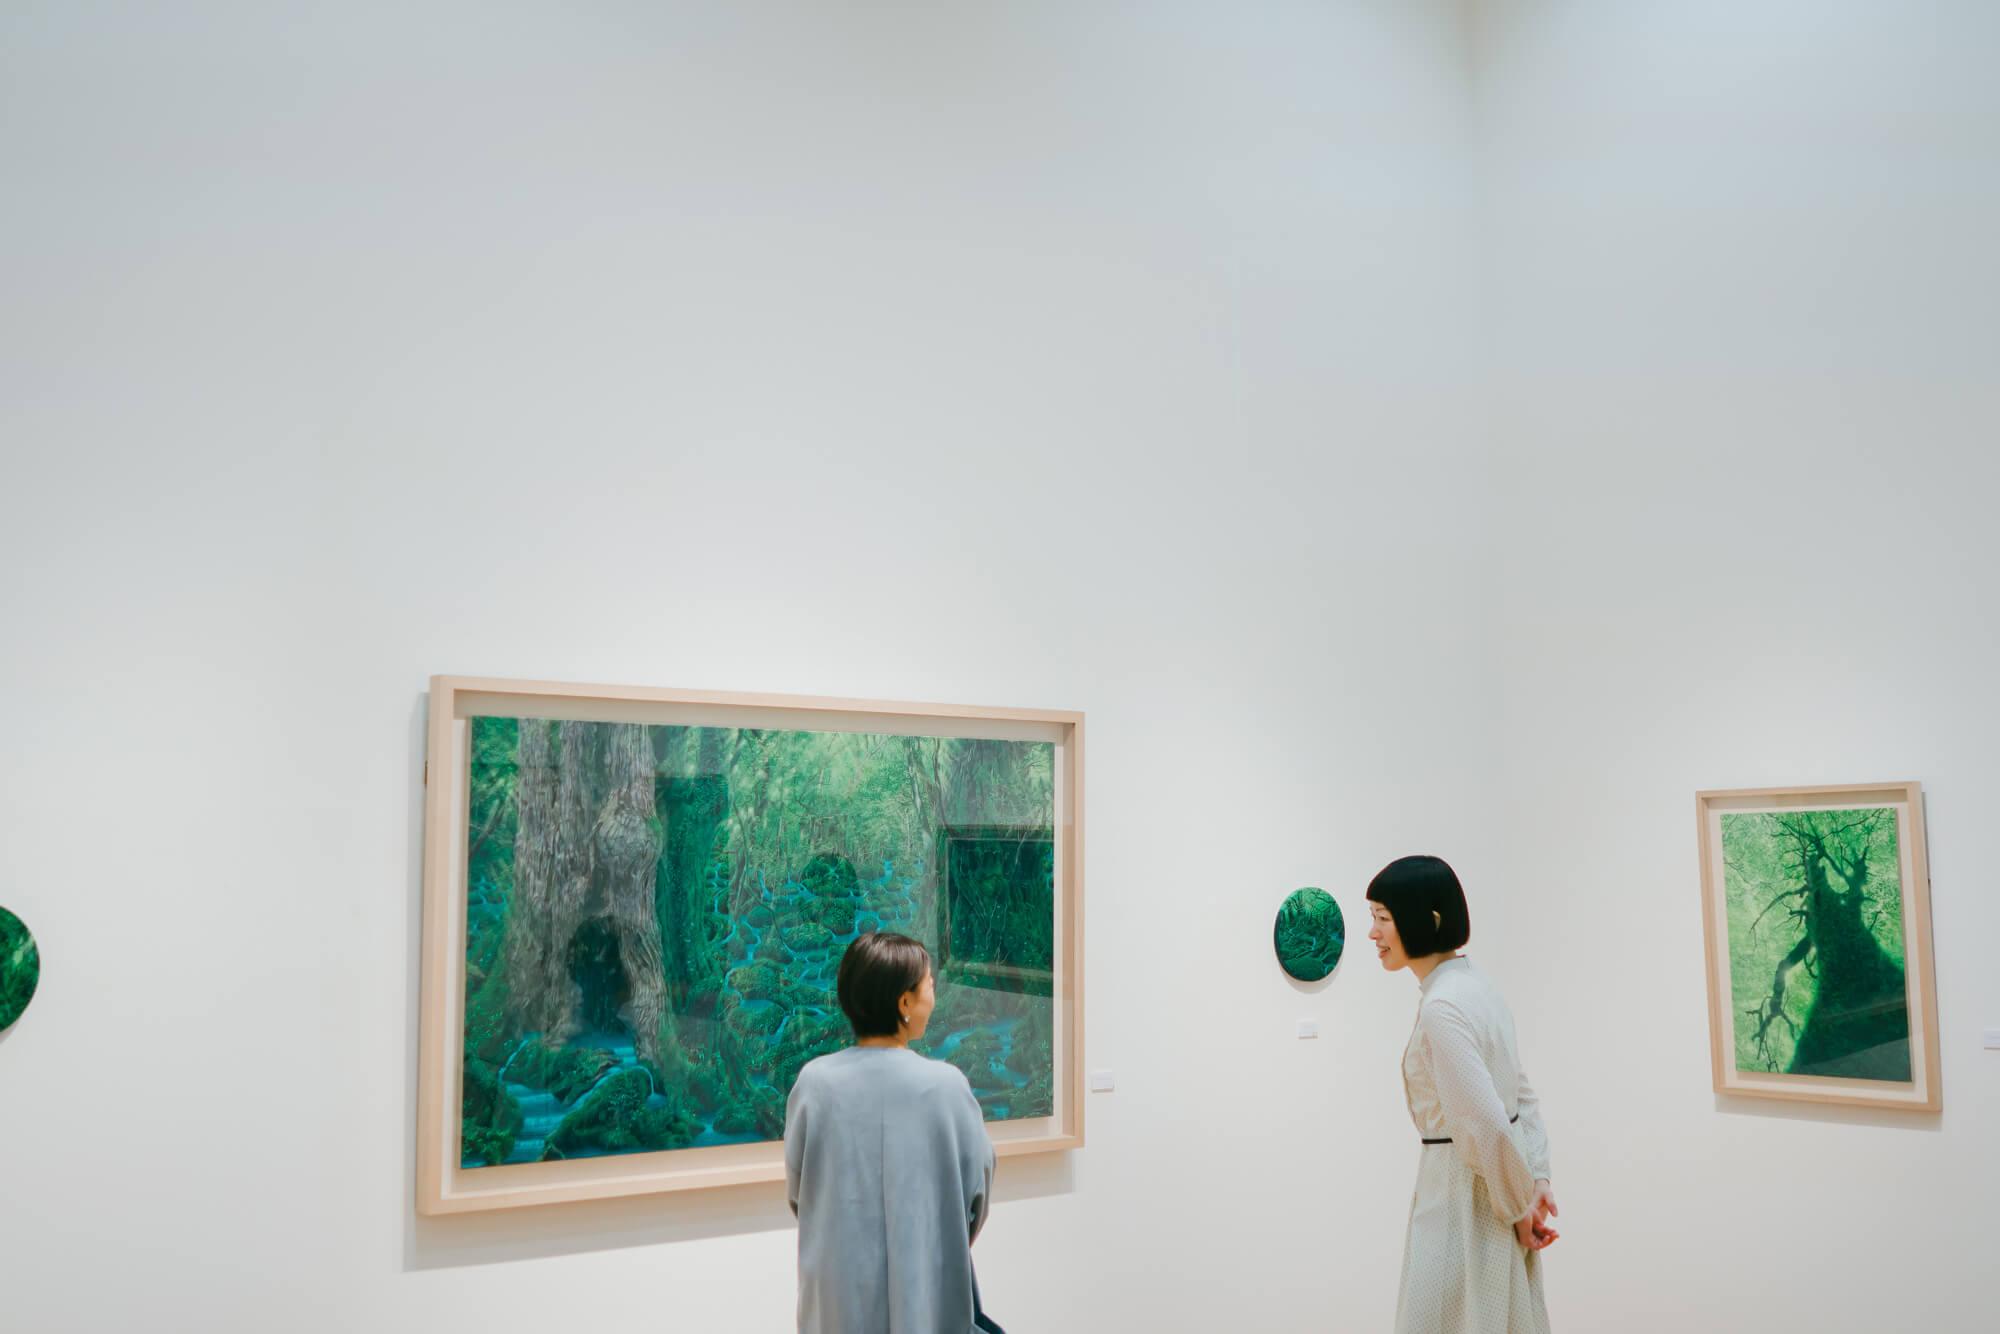 高田裕子絵画展2019 day1   屋久島でつくる結婚指輪 東京再会編!